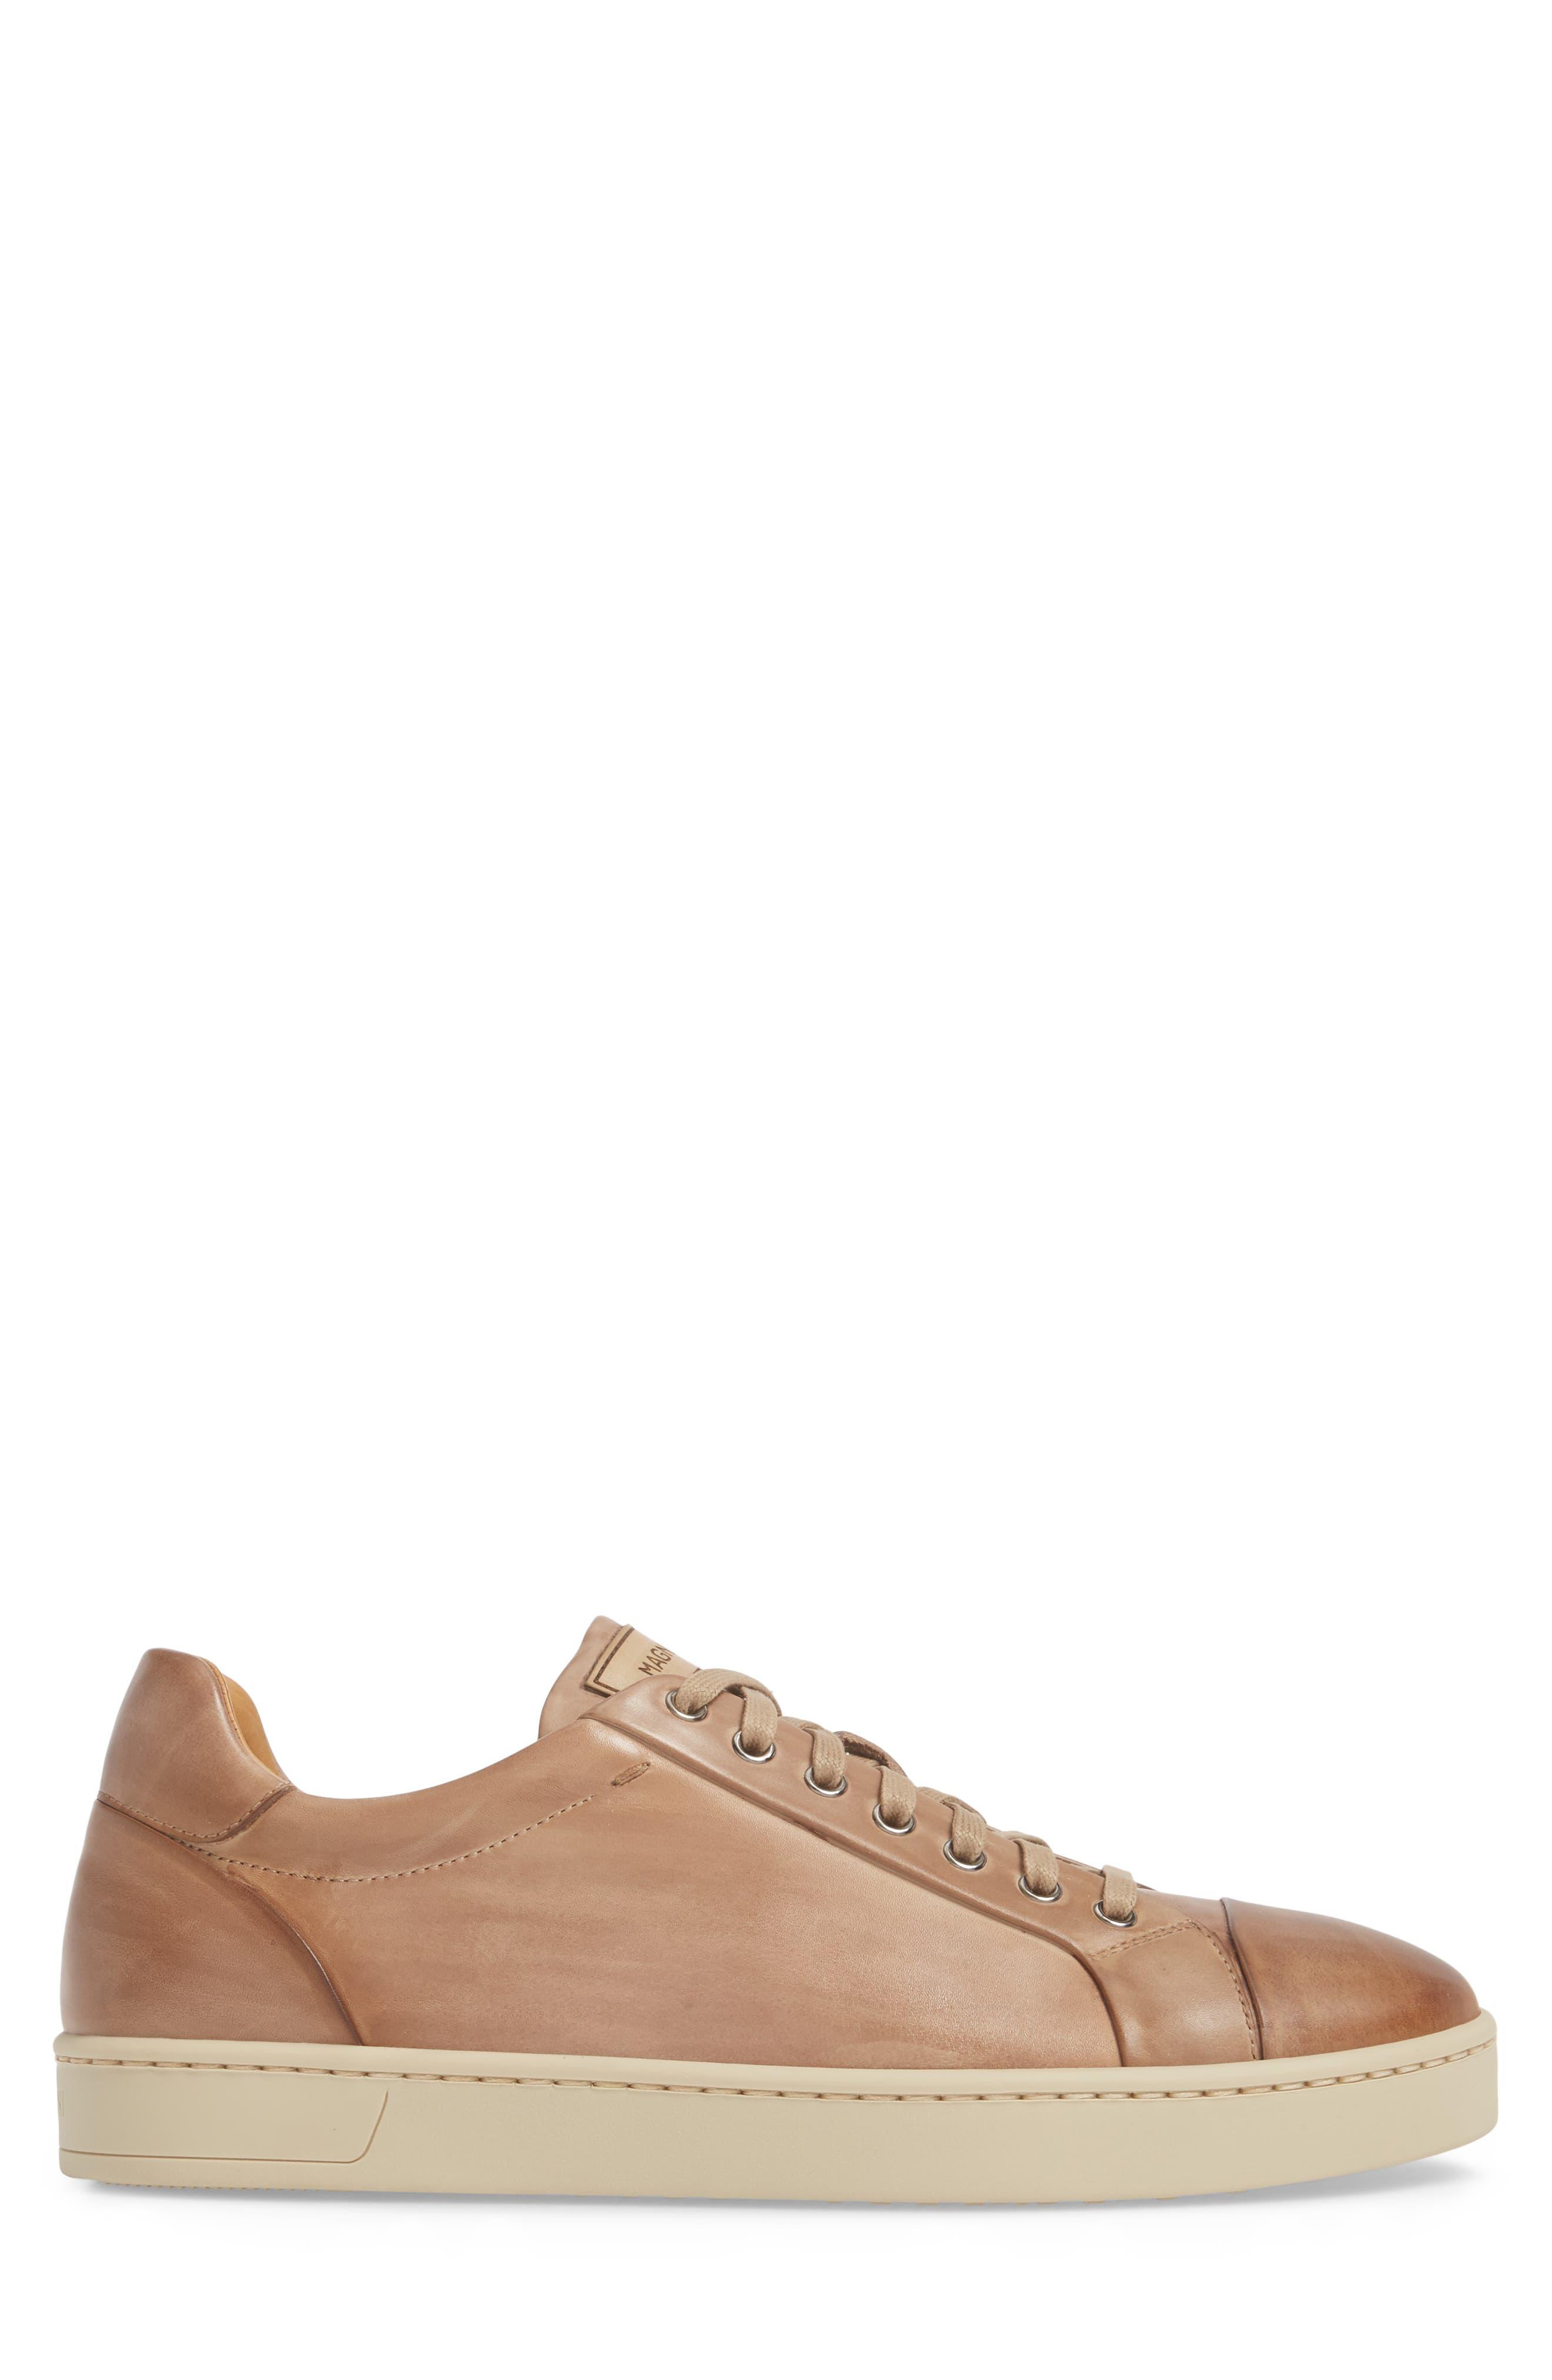 Erardo Low Top Sneaker,                             Alternate thumbnail 3, color,                             251